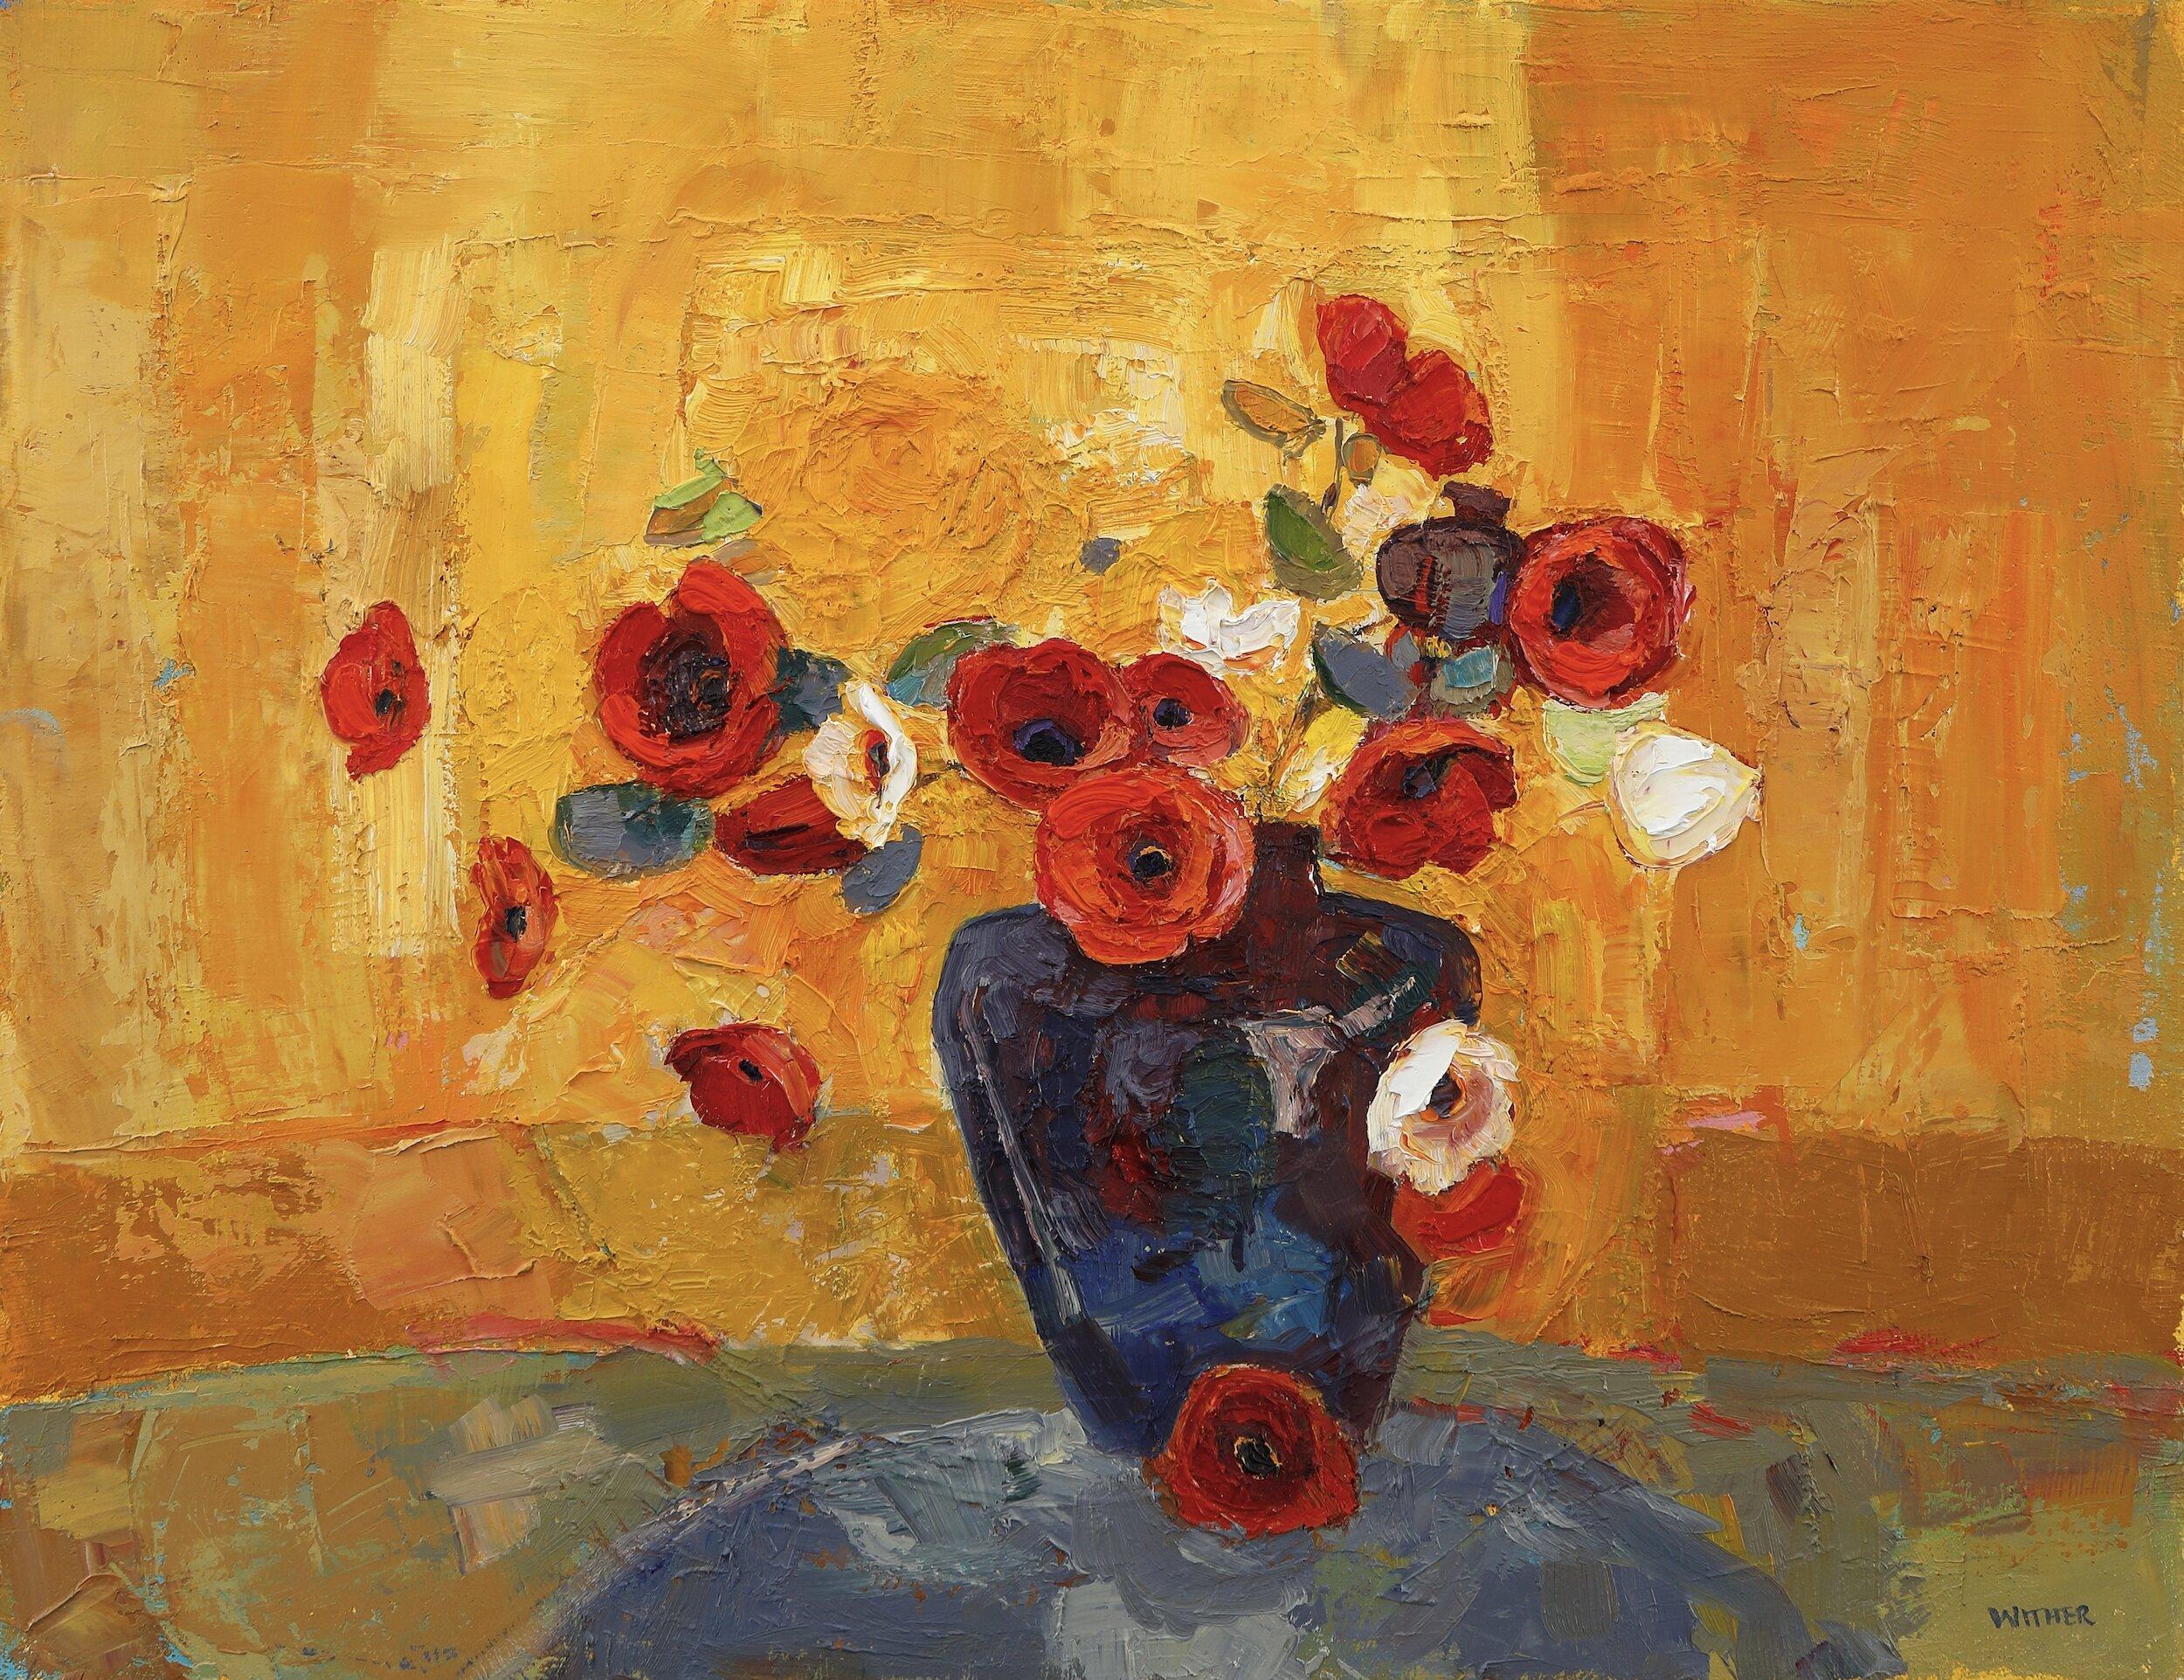 Title: Sun Still Glows  Size: 14x18in  Medium: Oil on Canvas  Price: £2300